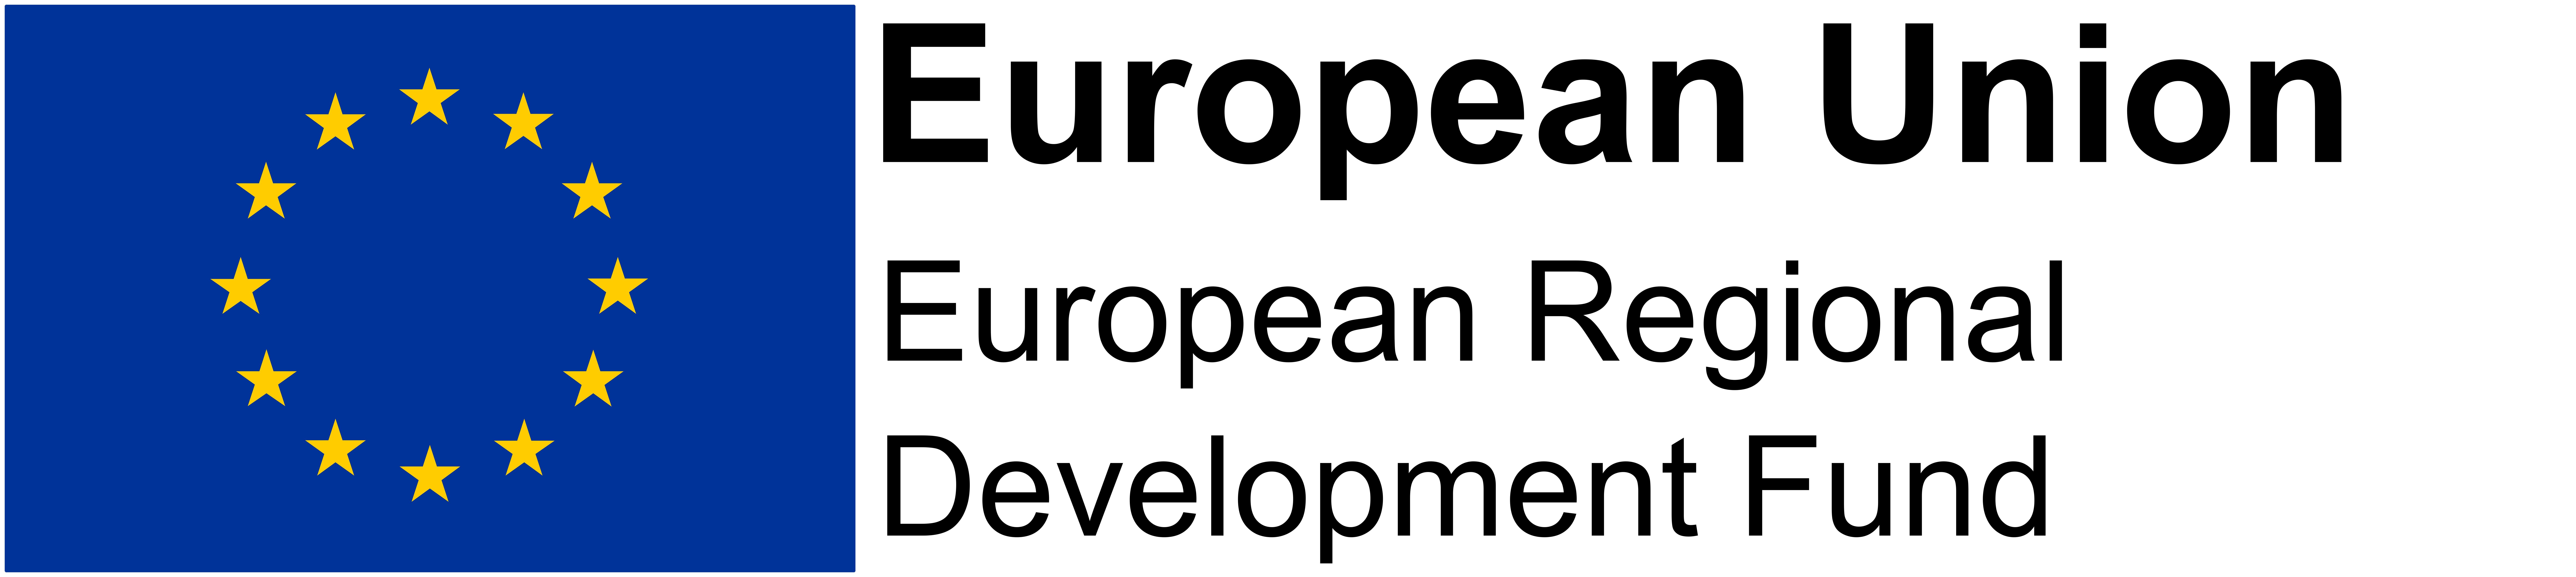 ERDF Funding Logo